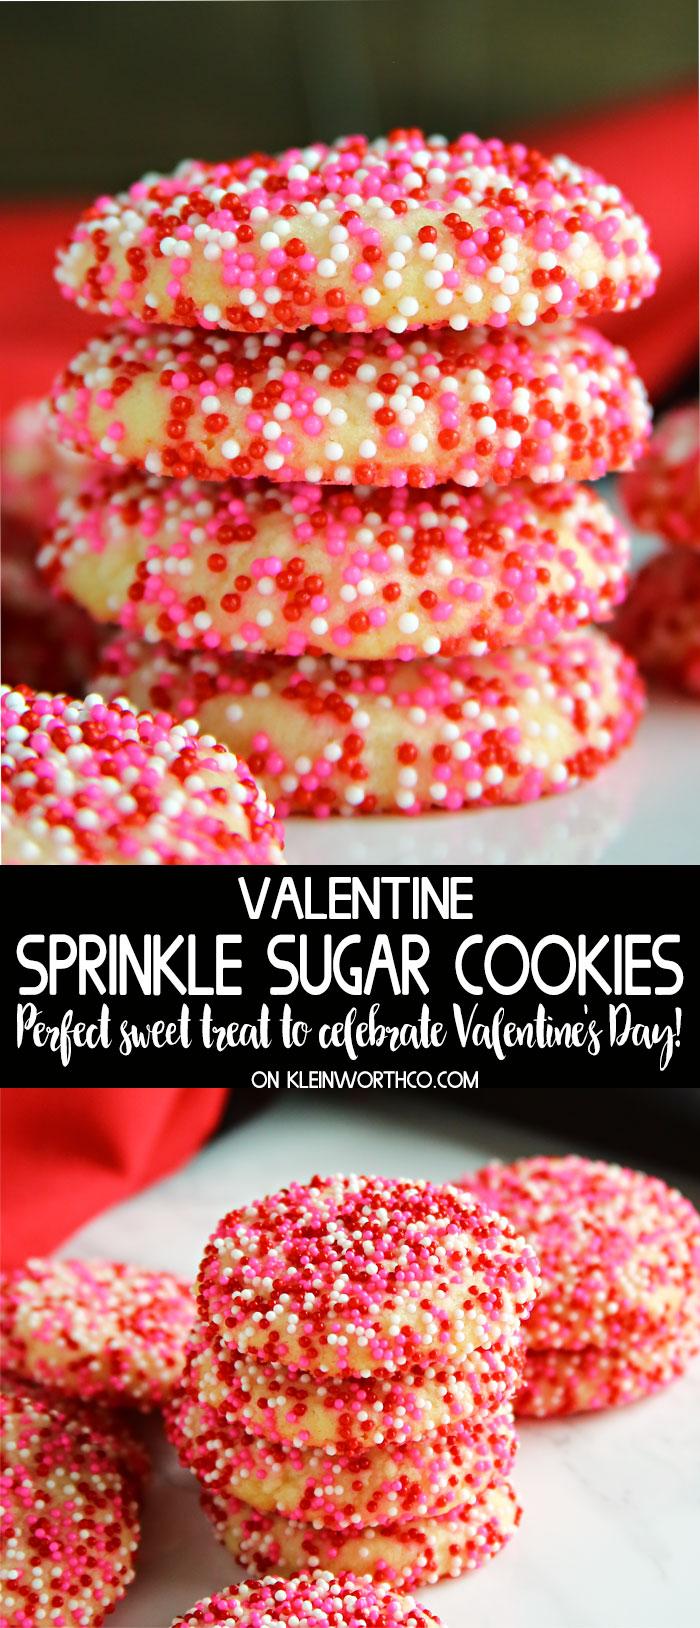 Valentine Sprinkle Sugar Cookies